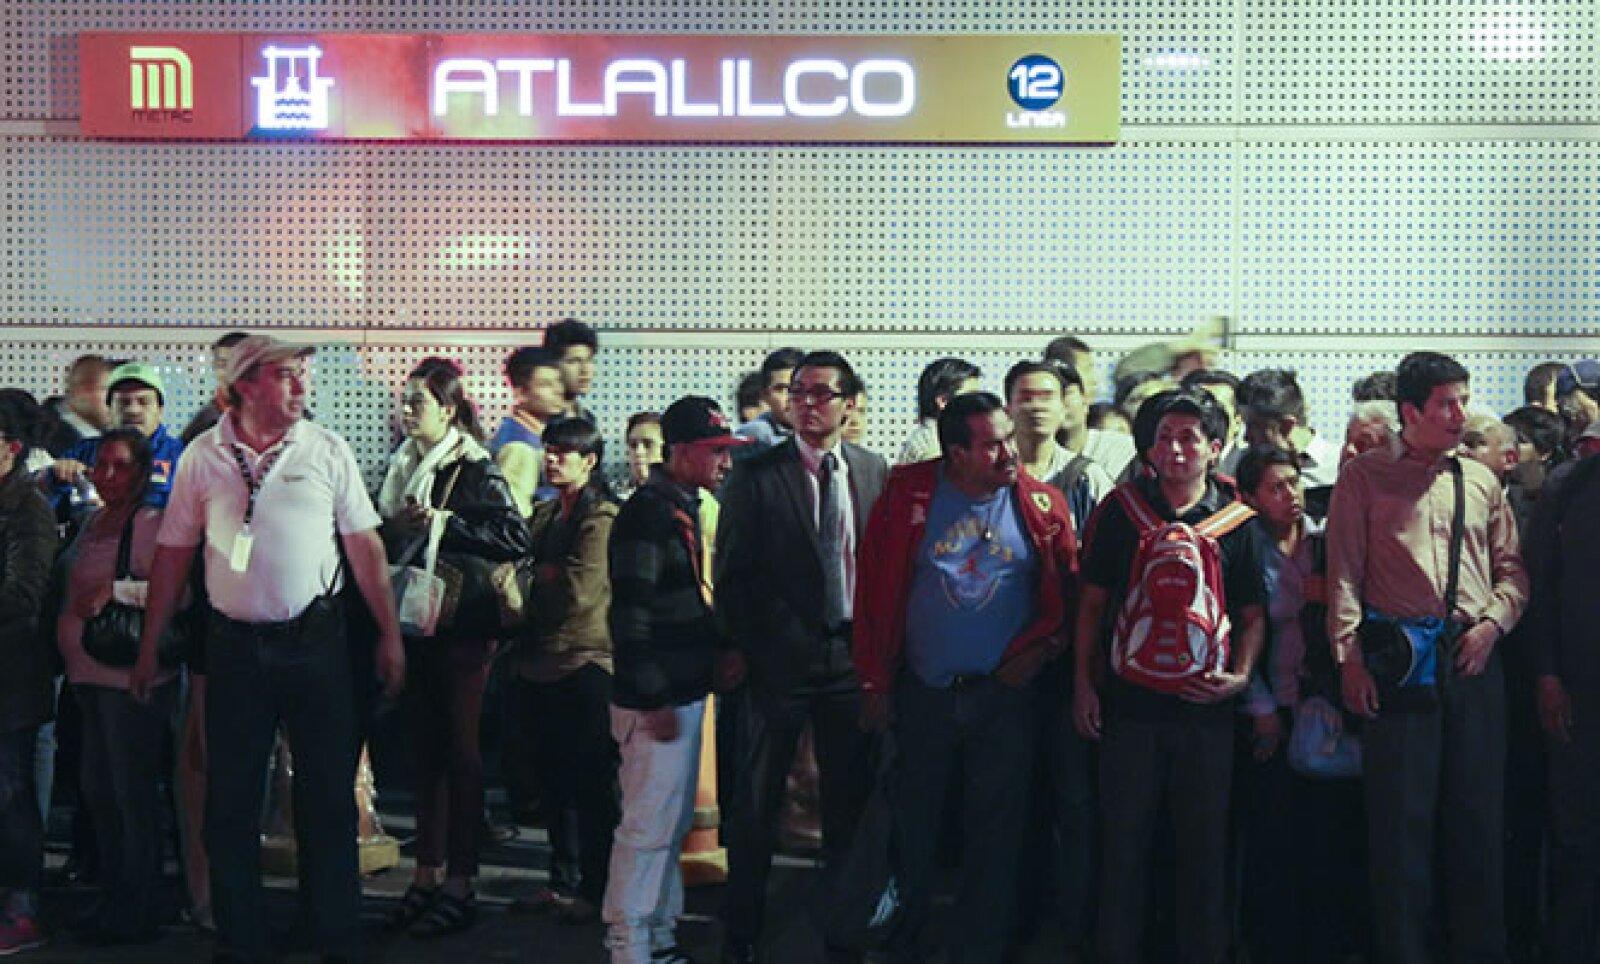 Los pasajeros se acumulaban en la estación Atlalilco para lograr subir a los trenes que solo viajan por seis estaciones de la Línea 12.